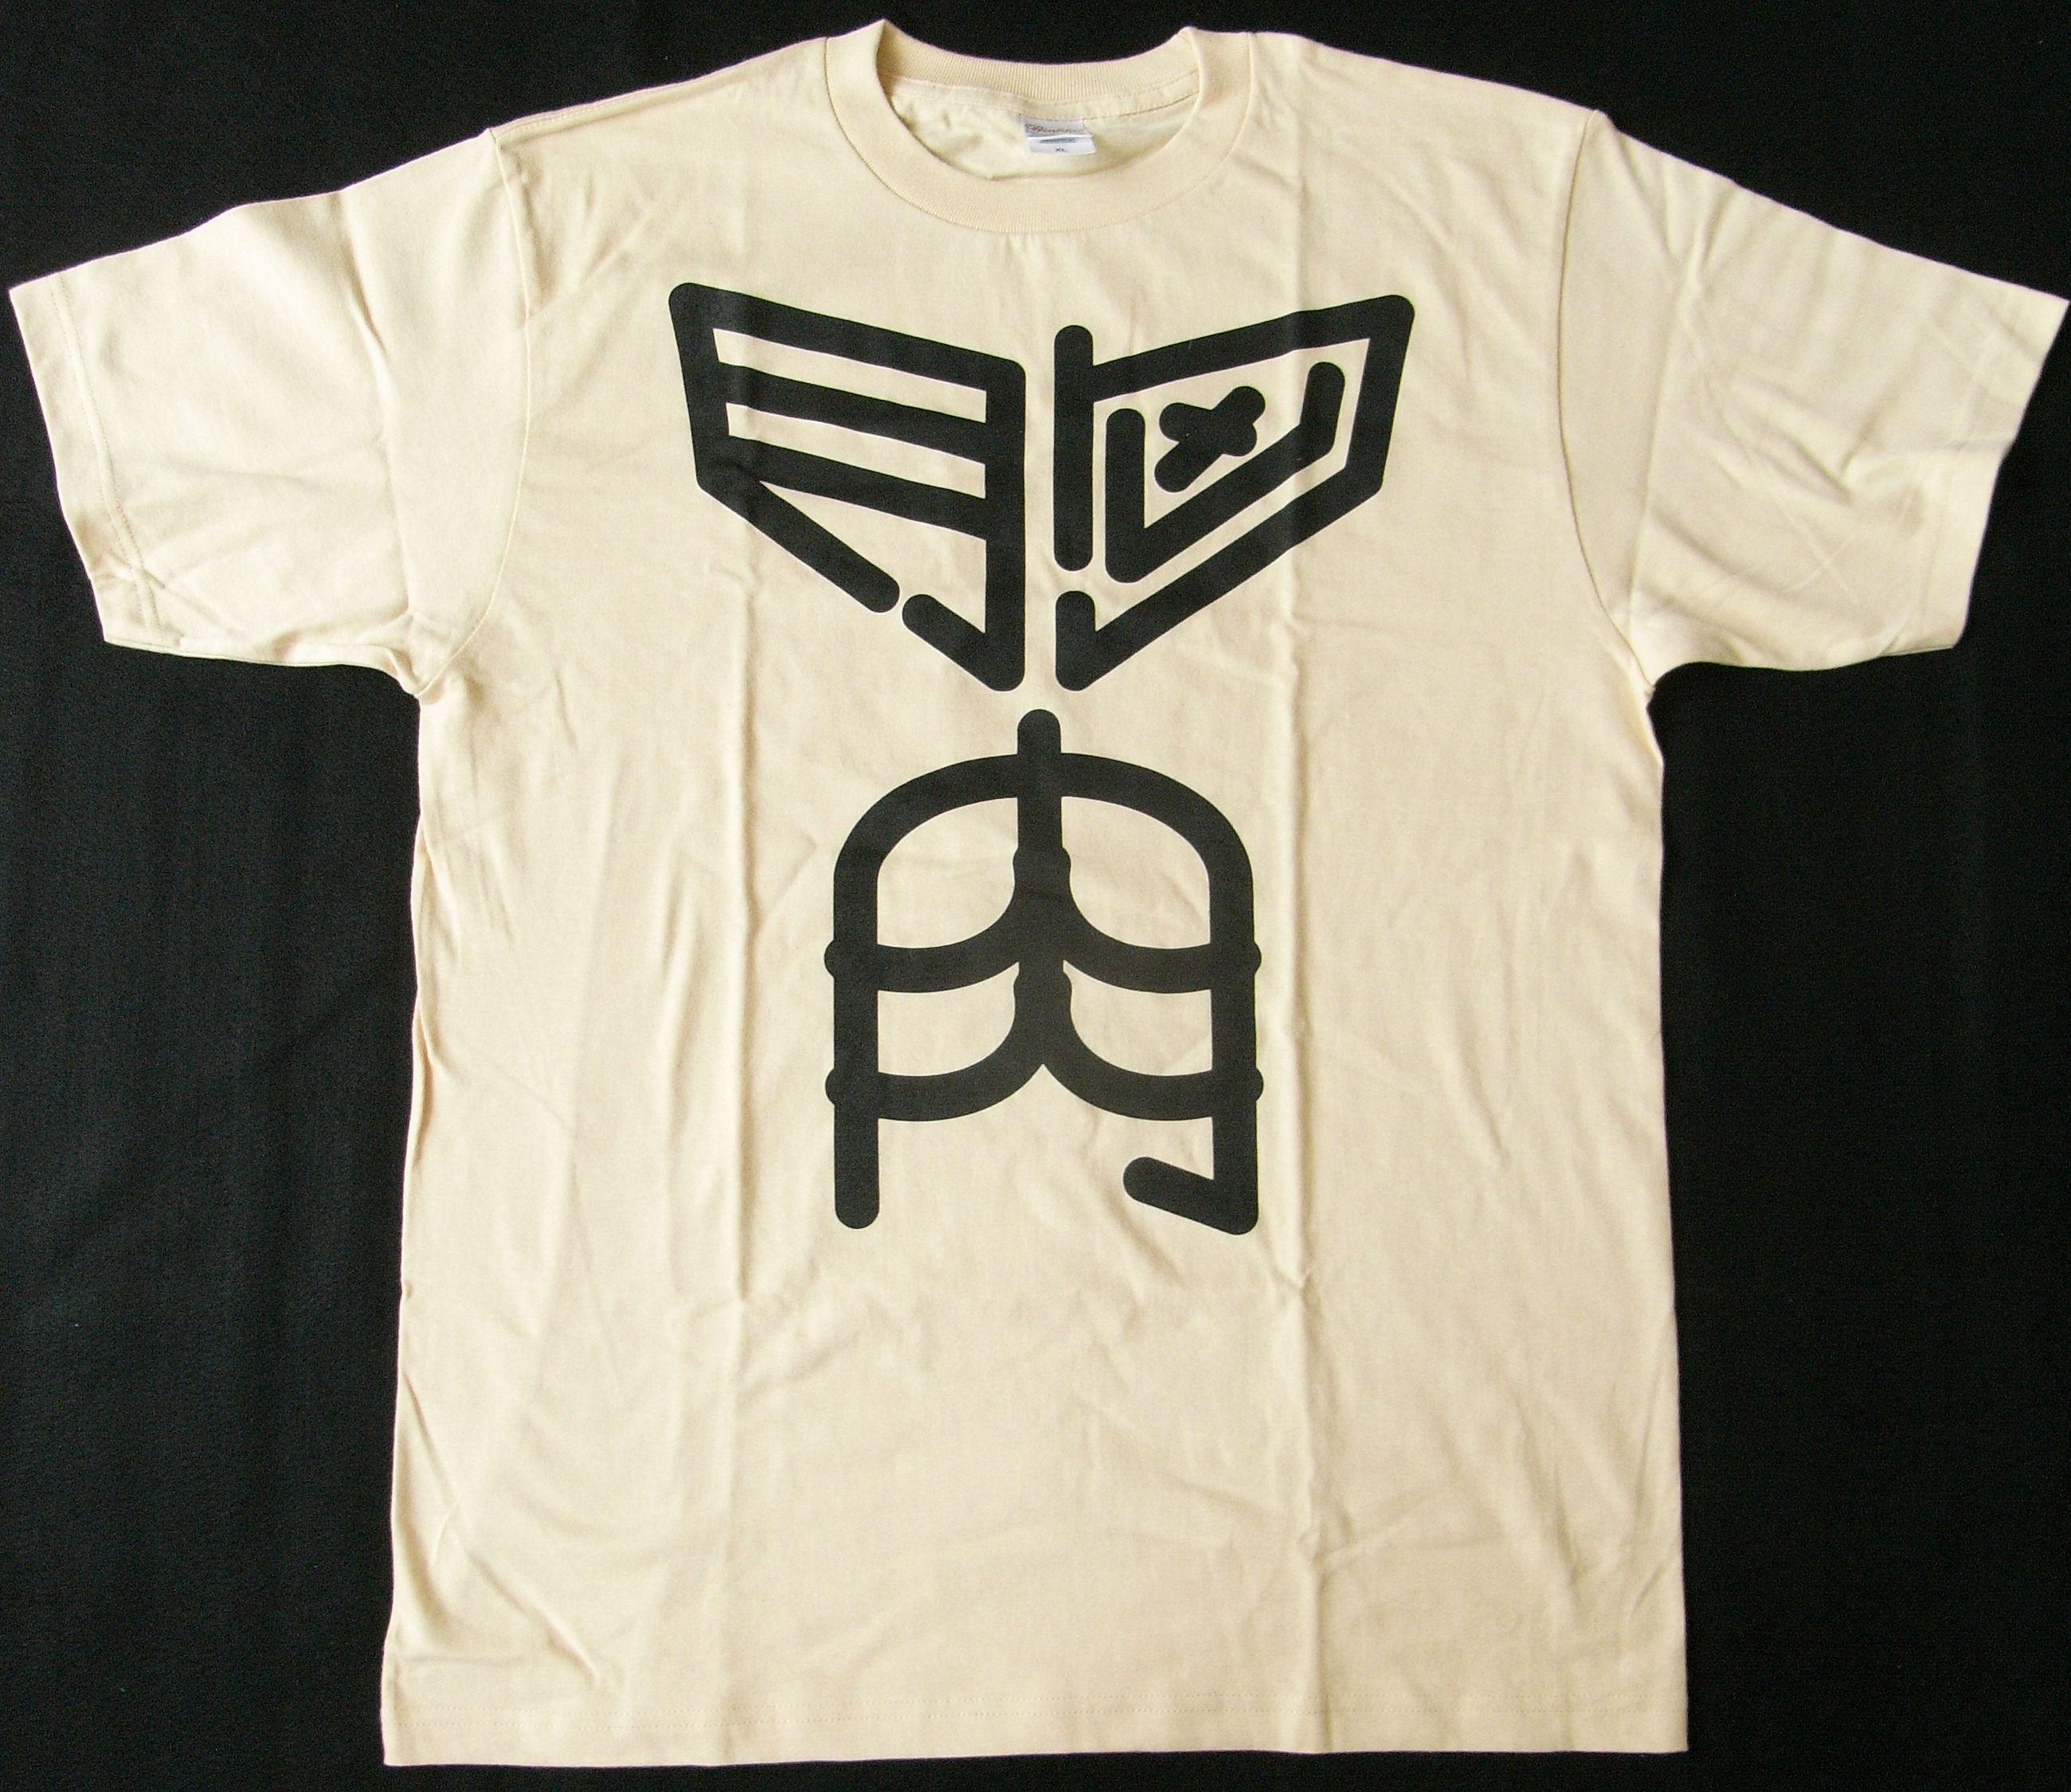 胸肉背骨Tシャツ(色・ナチュラル、サイズ・XL)画像